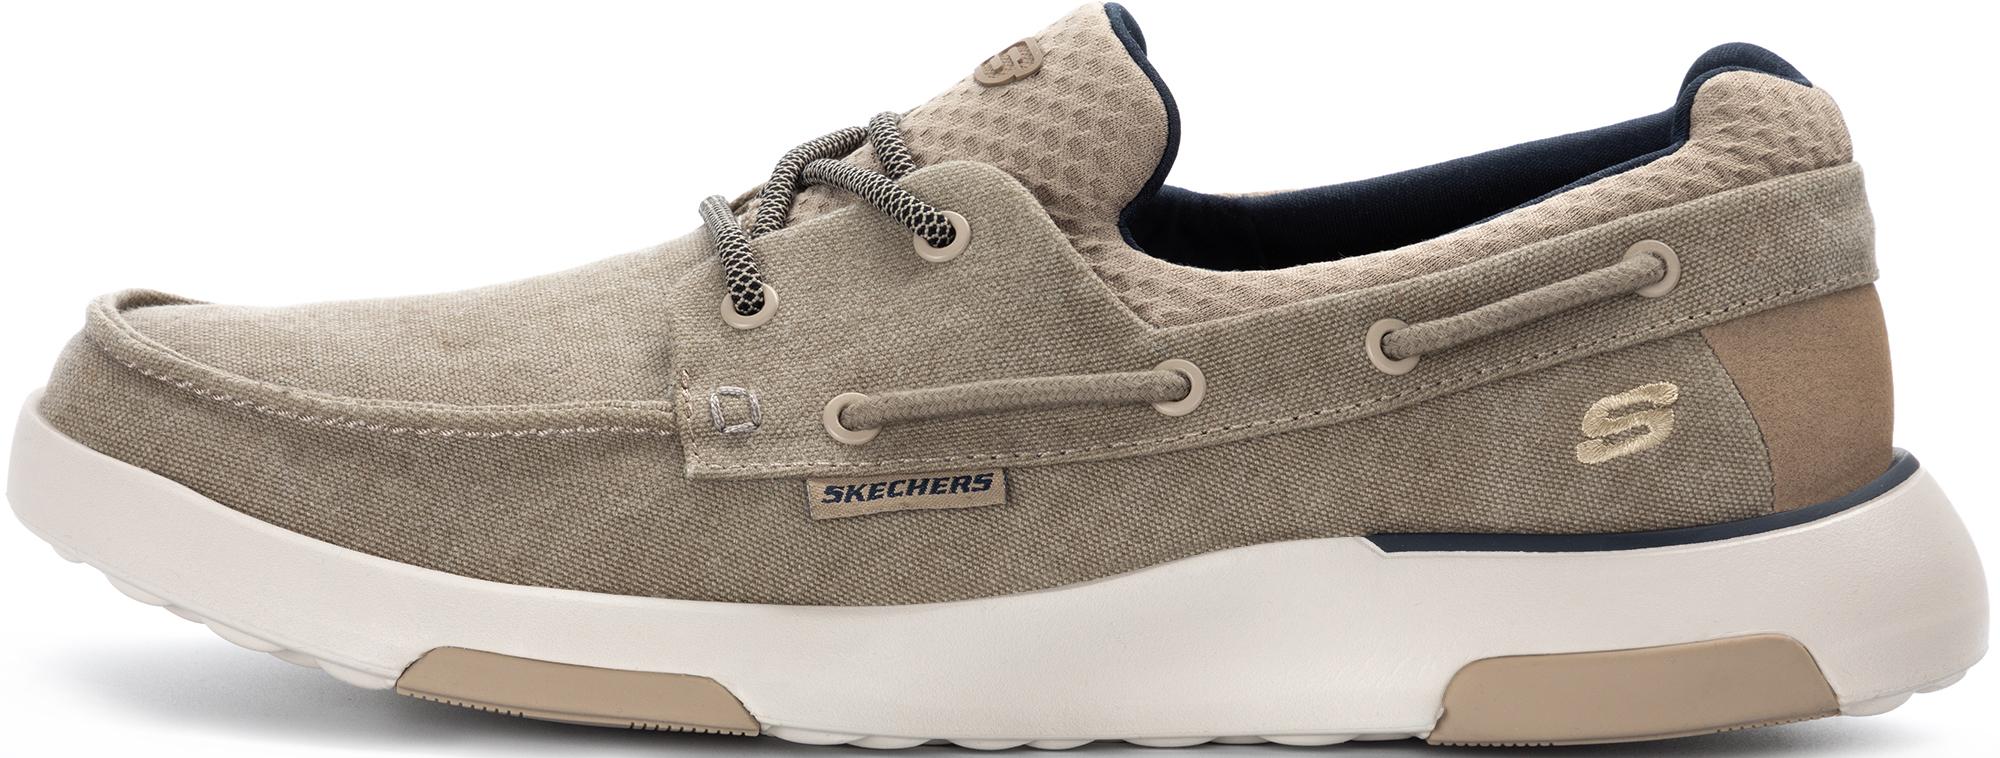 цена Skechers Полуботинки мужские Skechers Bellinger-Garmo, размер 40 онлайн в 2017 году